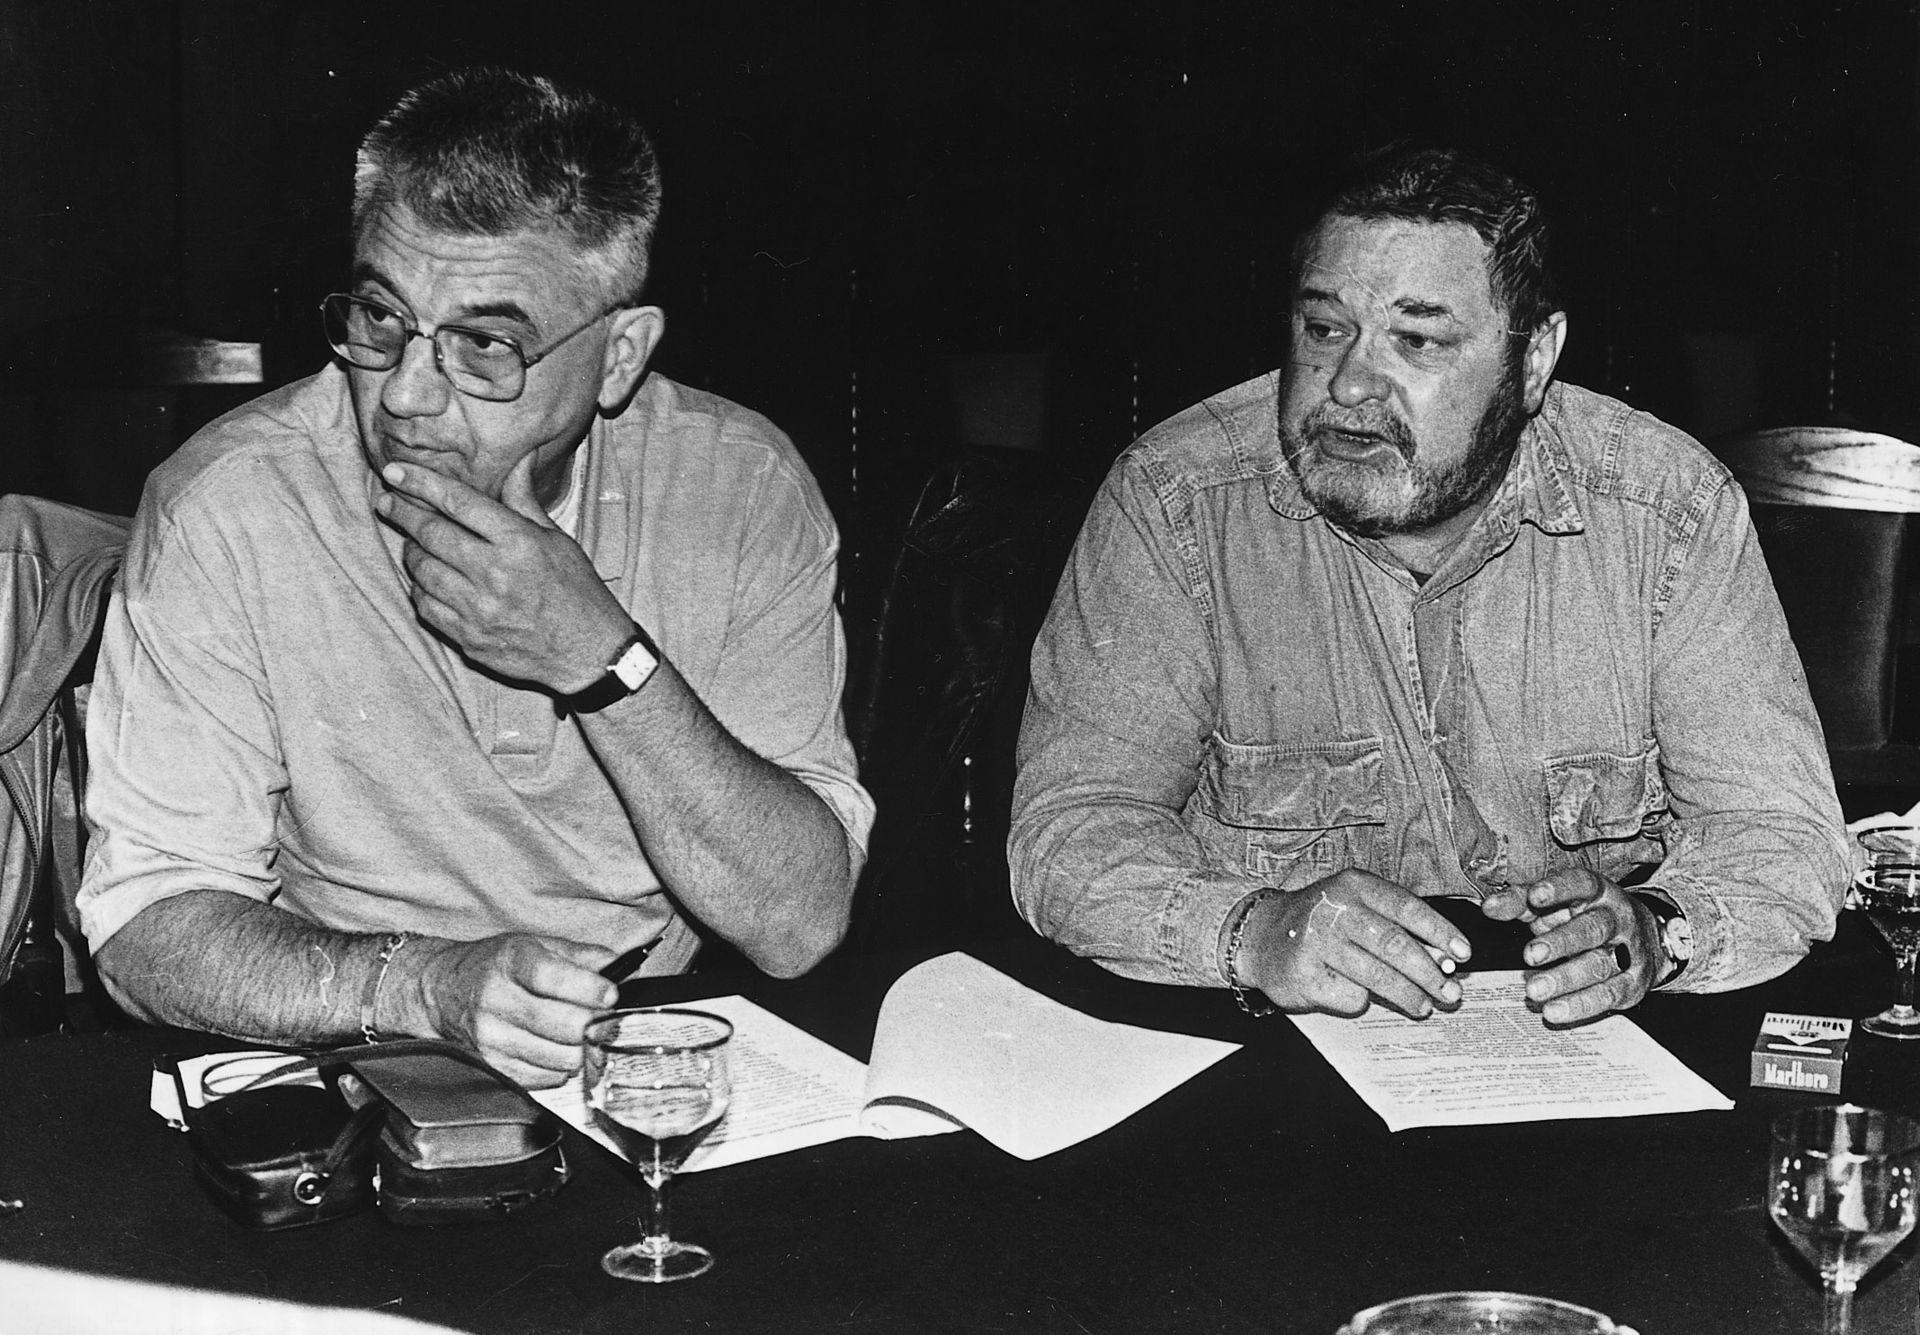 Јулијан Семјонович Семјонов (десно)